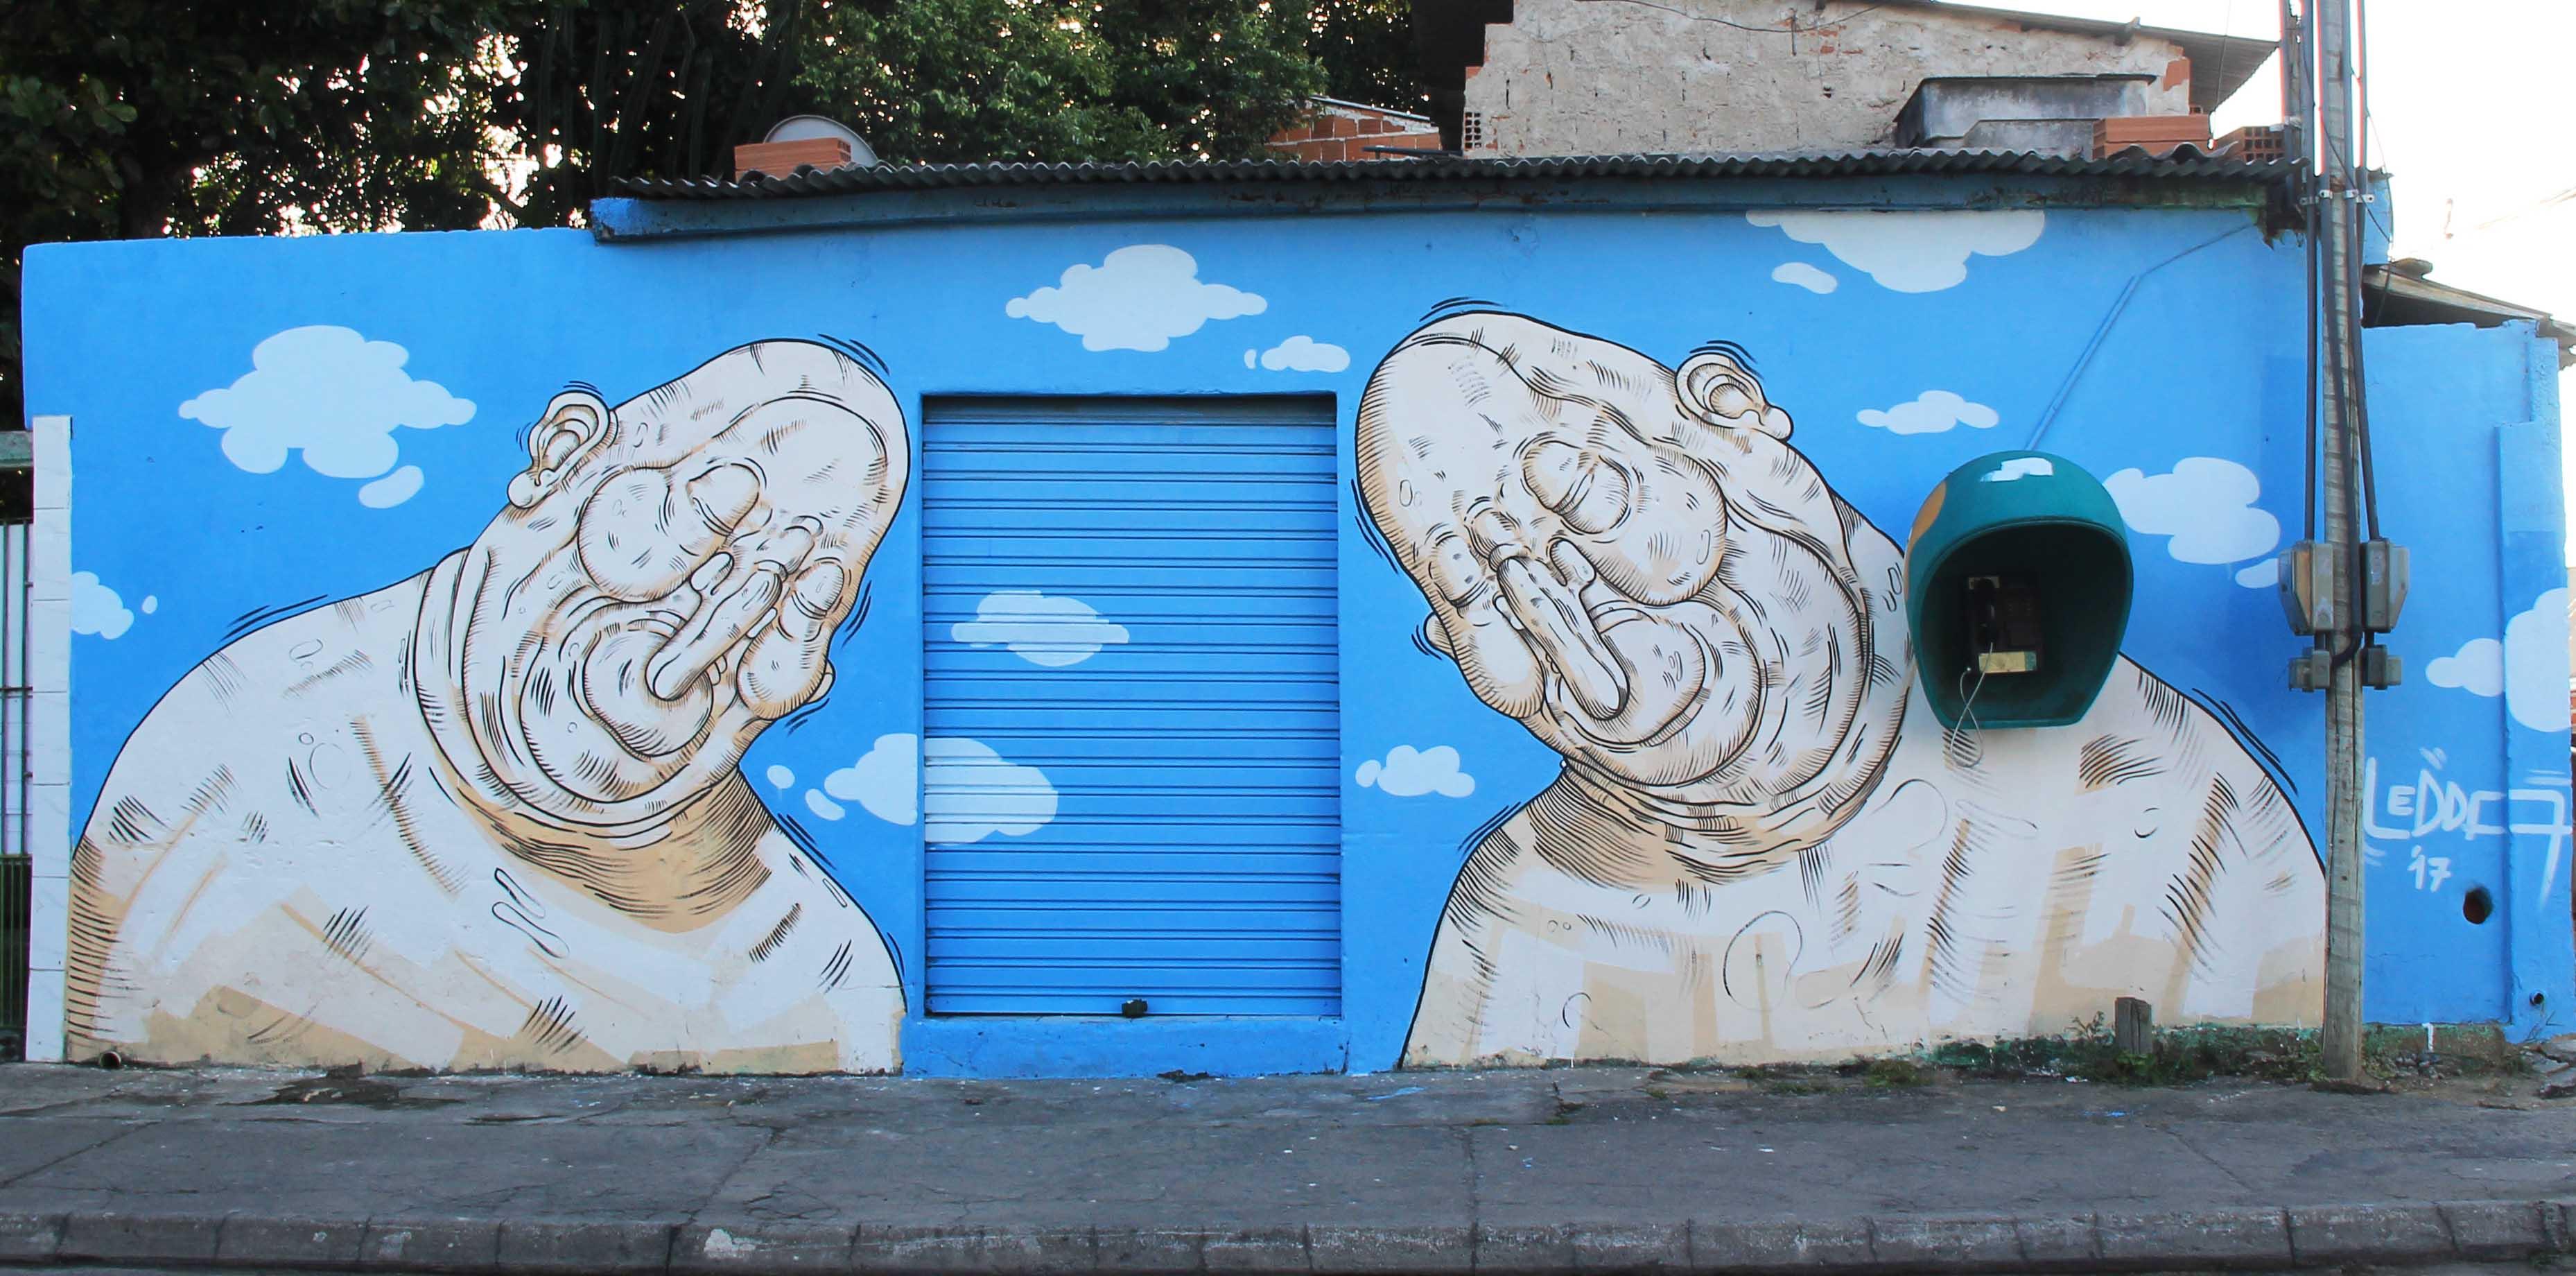 Luca Ledda creates two murals in the city of Vitoria (Espirito Santo), Brazil